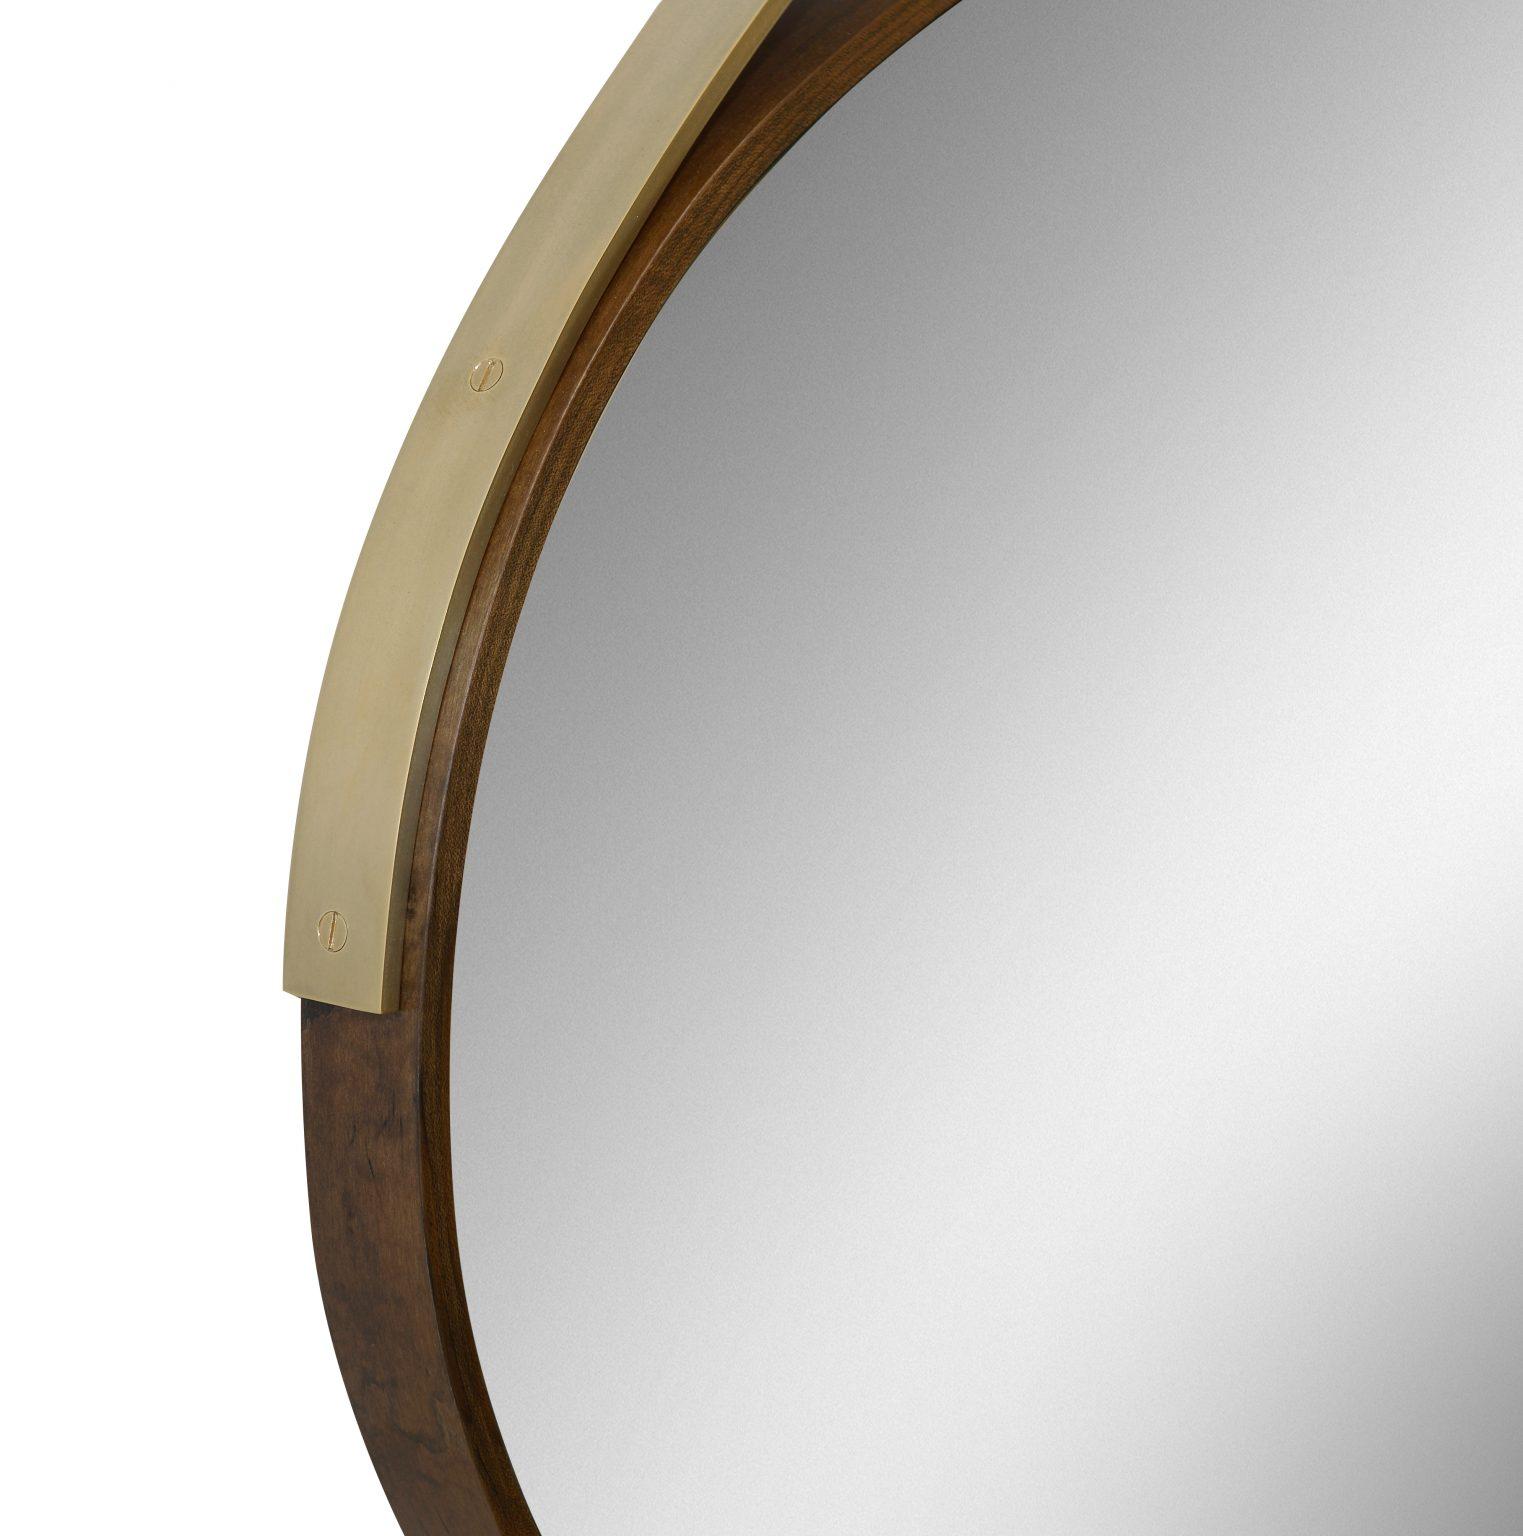 Gotham Oval Mirror